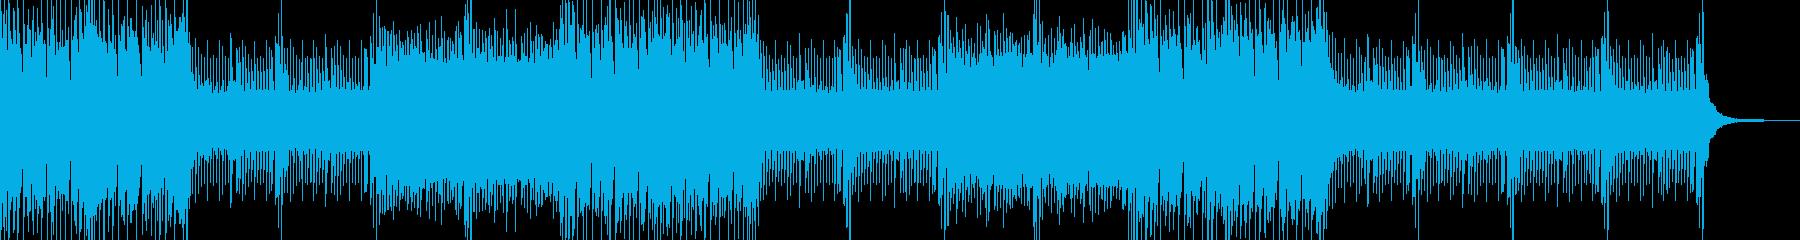 ダークでクールなEDMの再生済みの波形